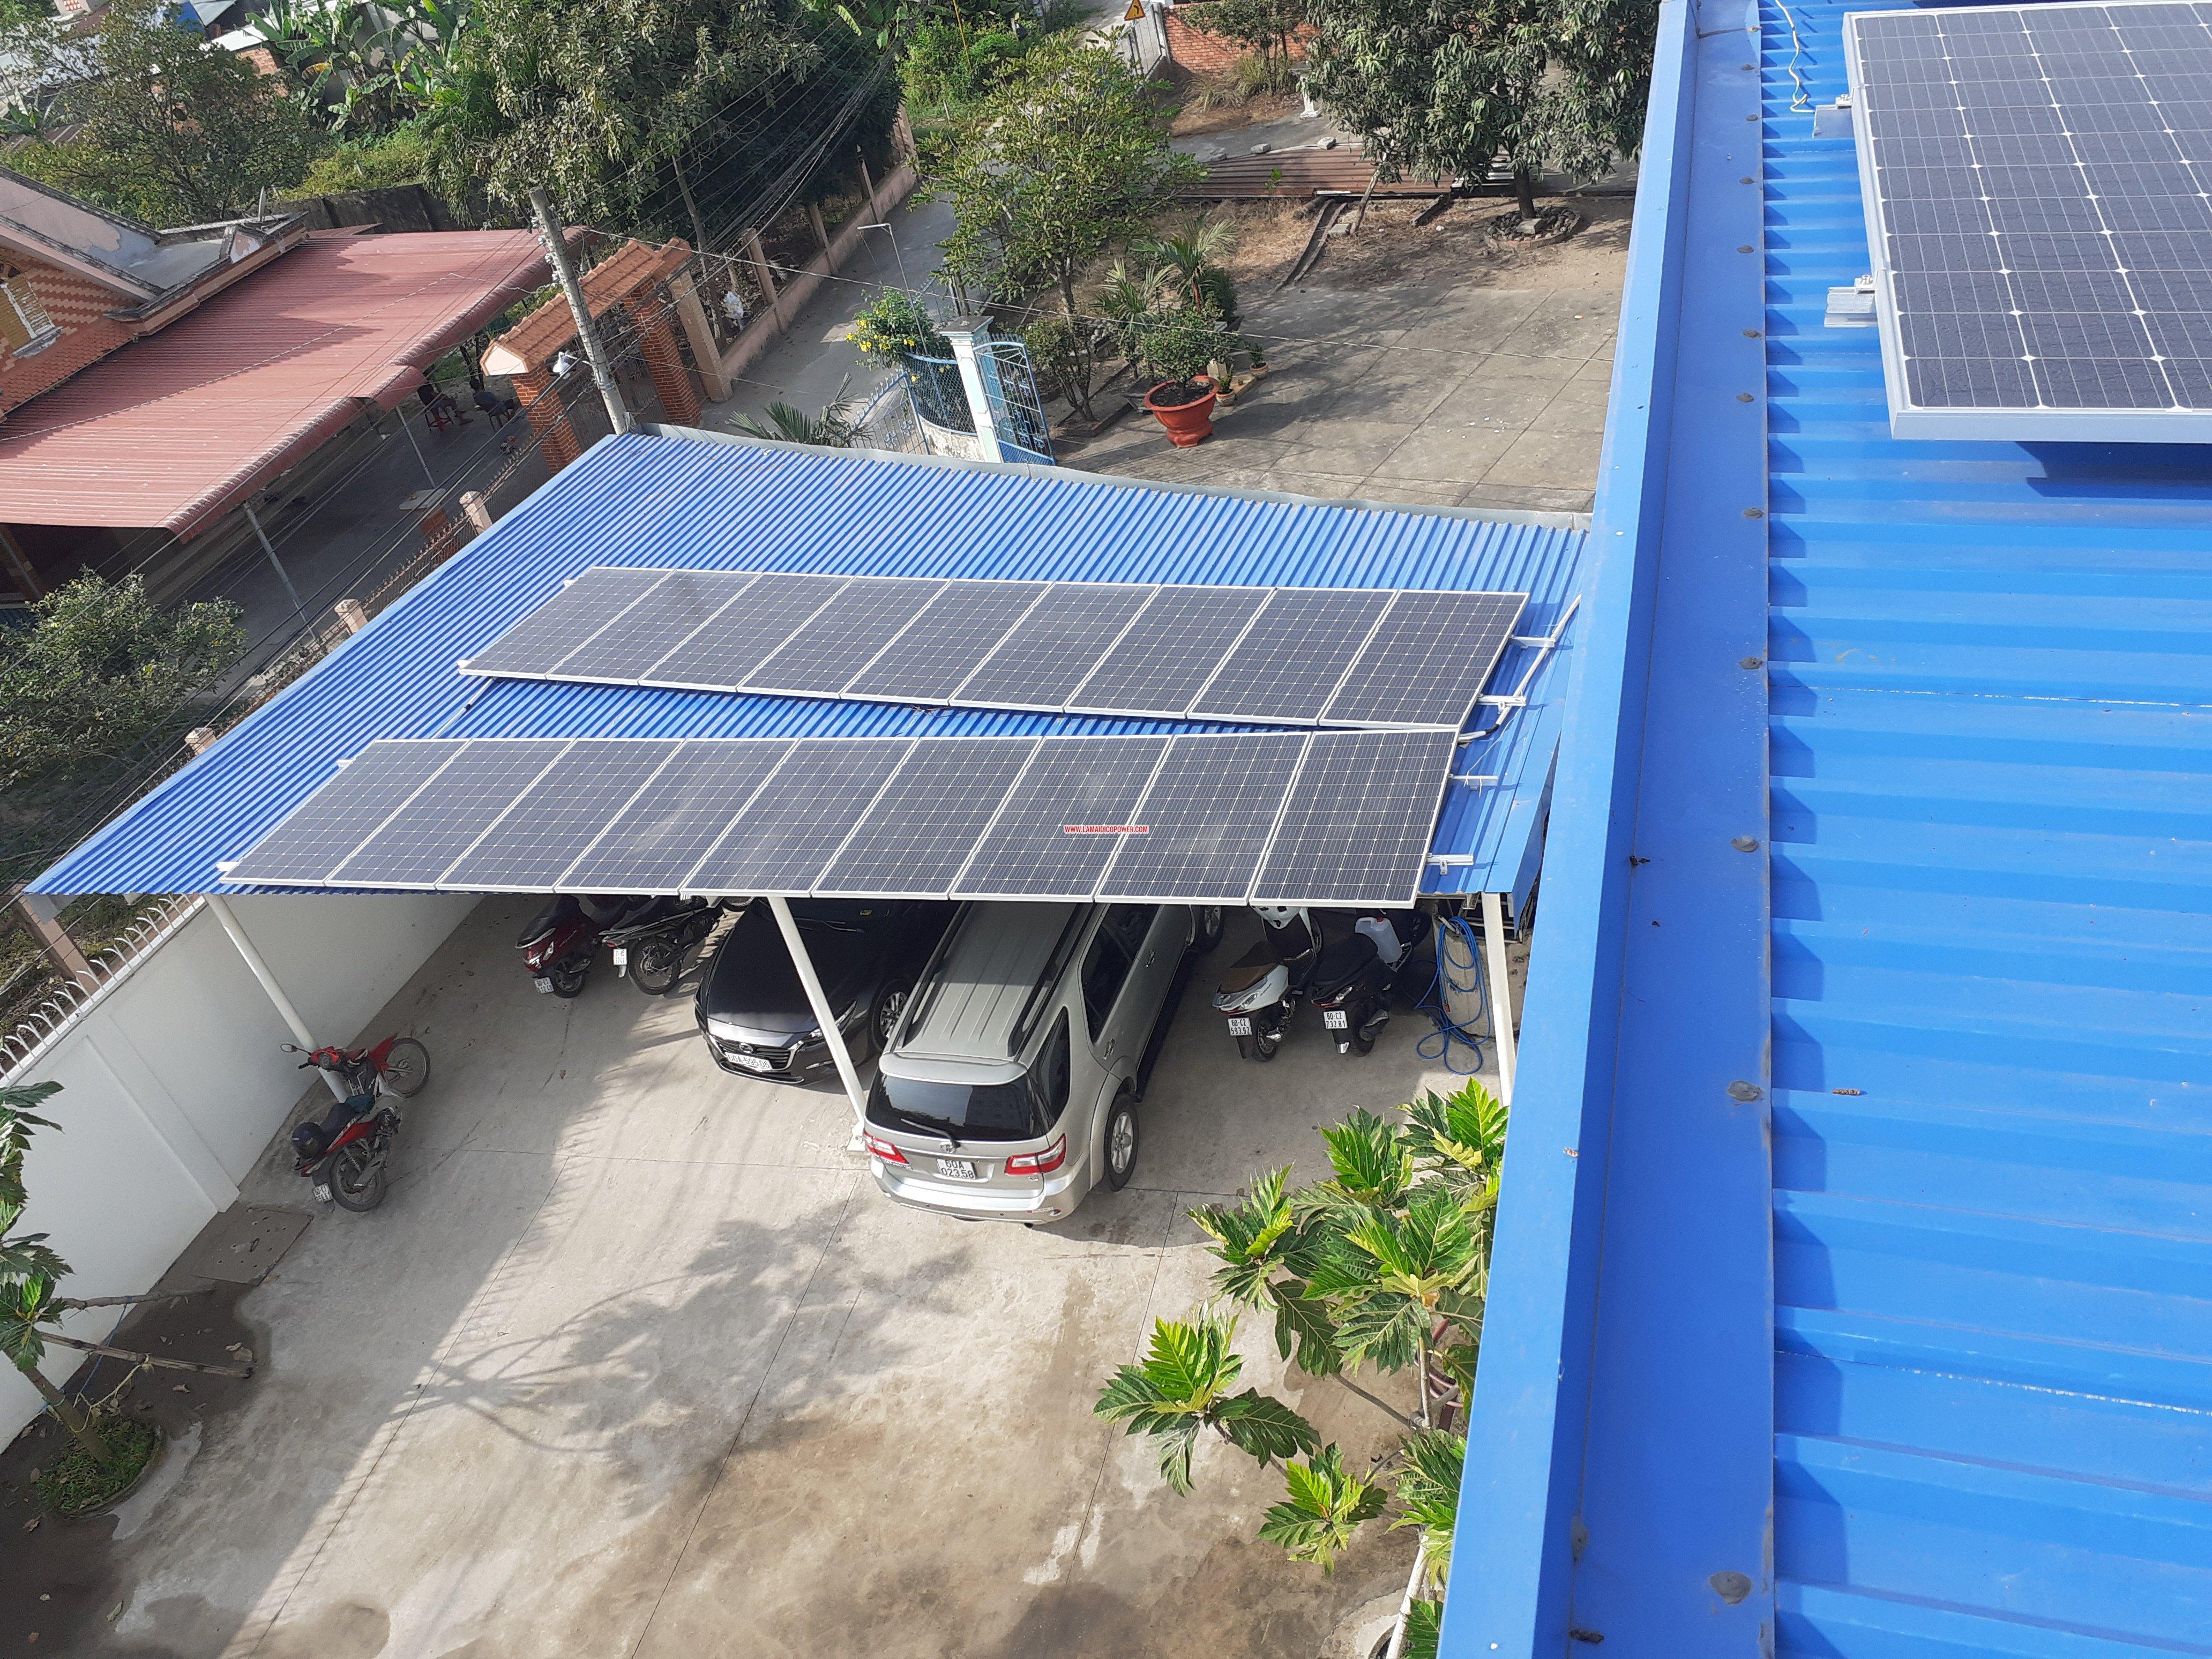 Doanh nghiệp và các hộ gia đình bán ngược điện mặt trời